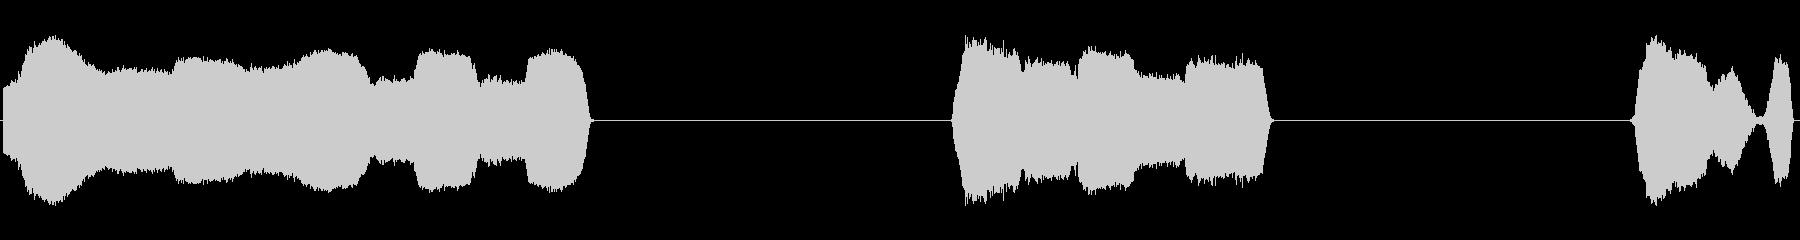 トーンホイッスルの未再生の波形